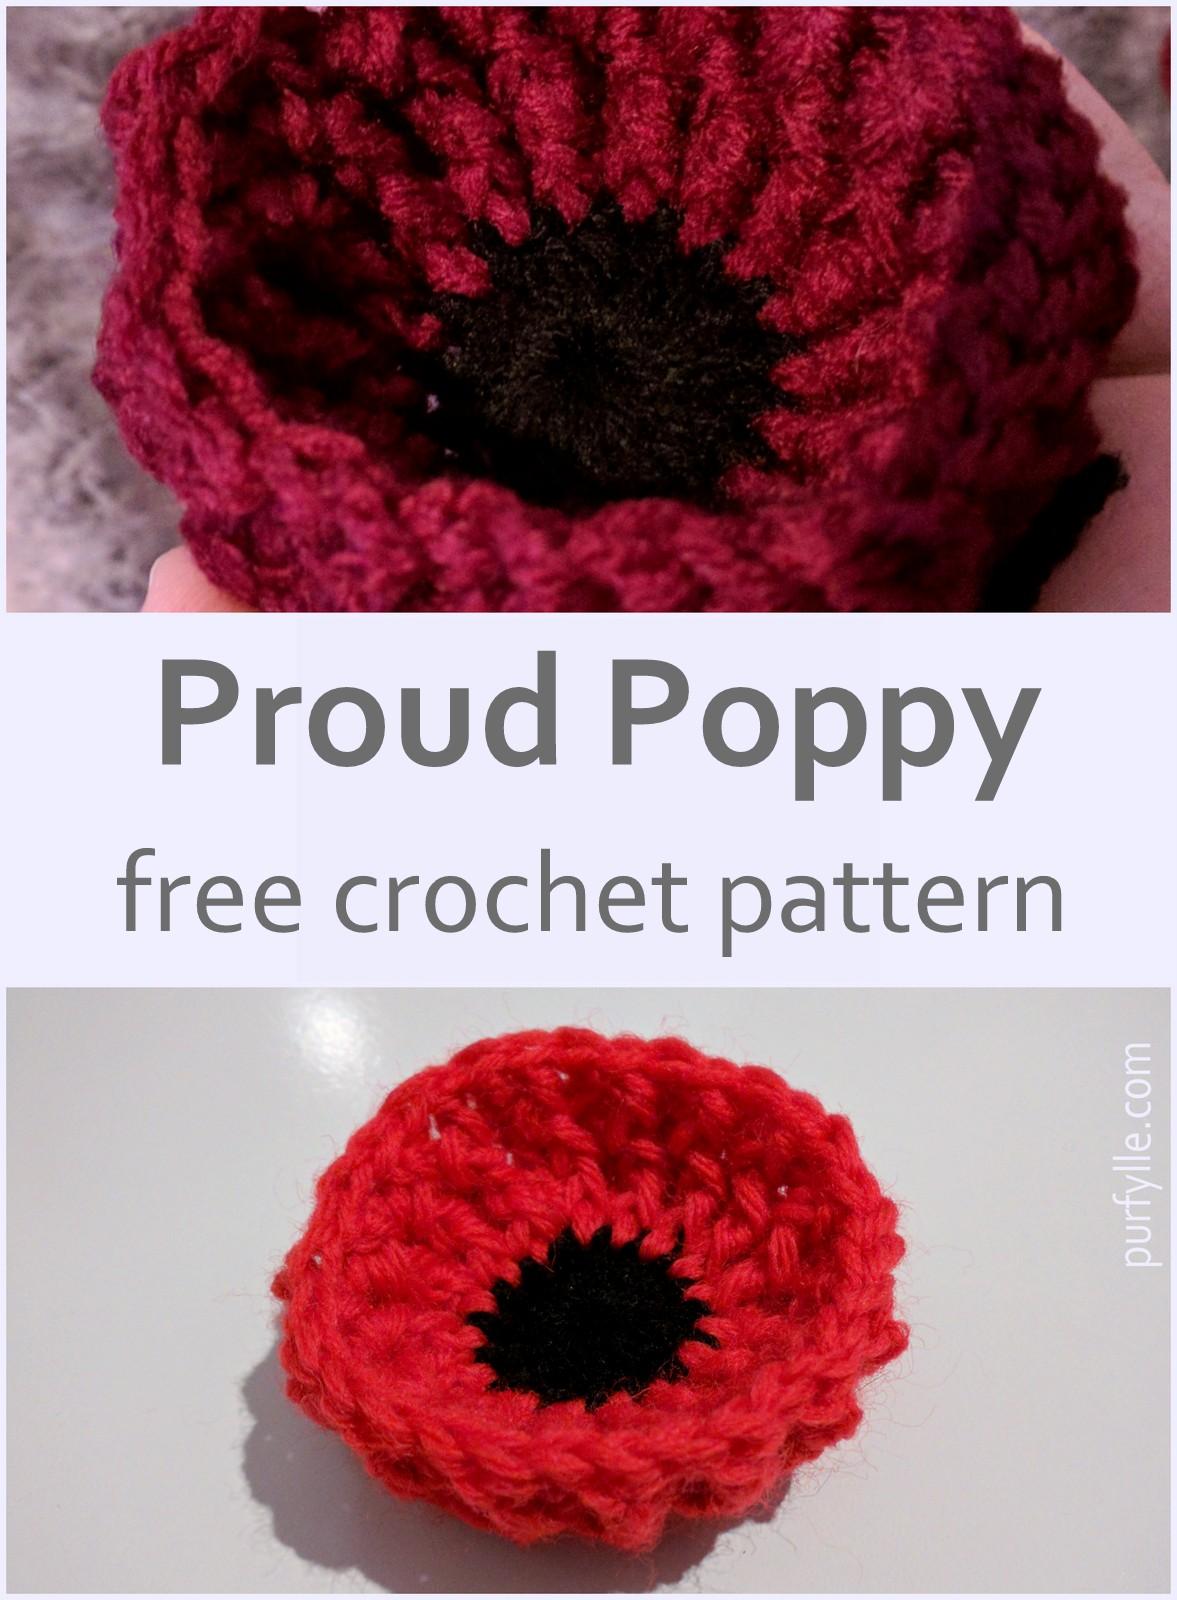 Proud Poppy Free Crochet Pattern